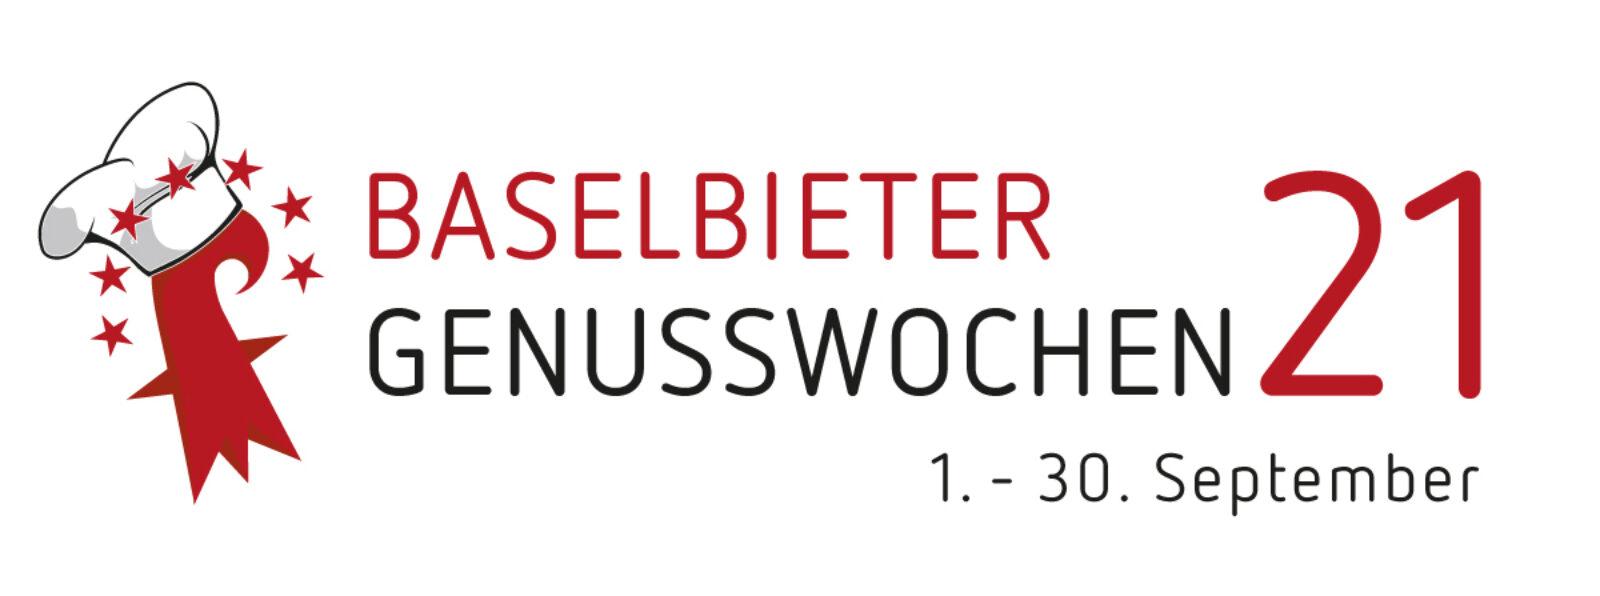 Baselbieter Genusswochen Logo 2021